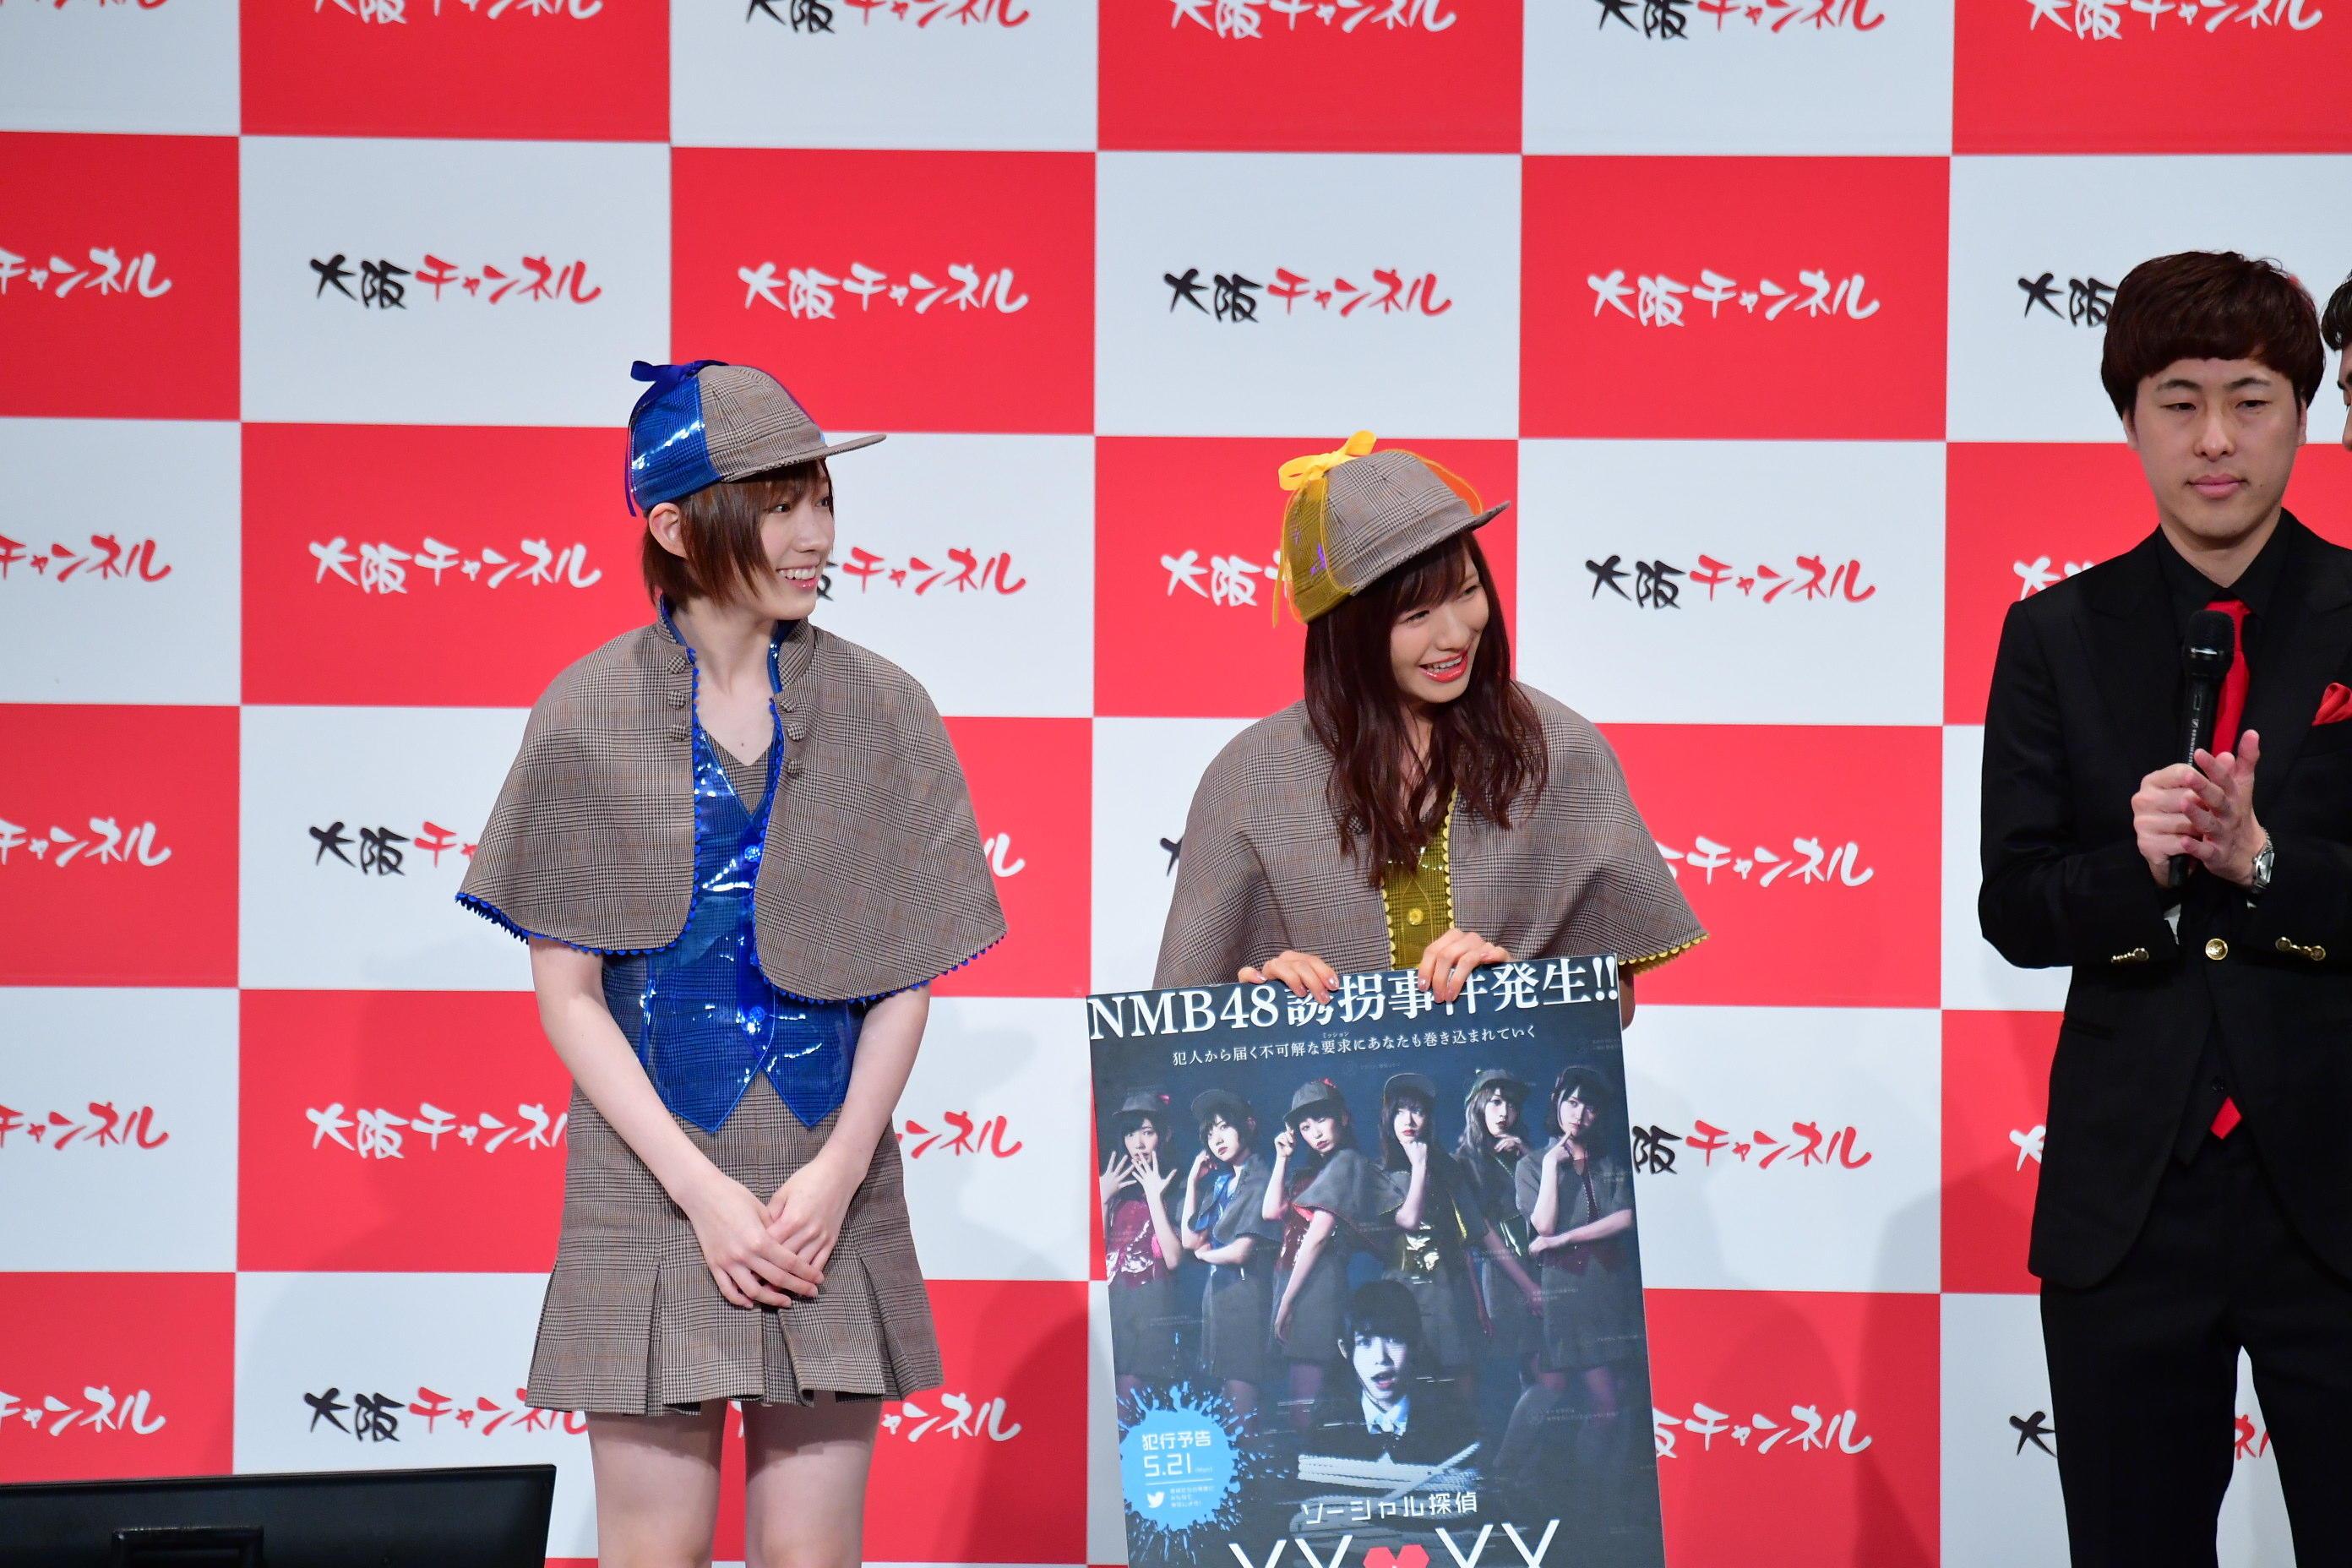 http://news.yoshimoto.co.jp/20180514224227-f037a992b8a9b41593f600856f12b1a9bbe22851.jpg